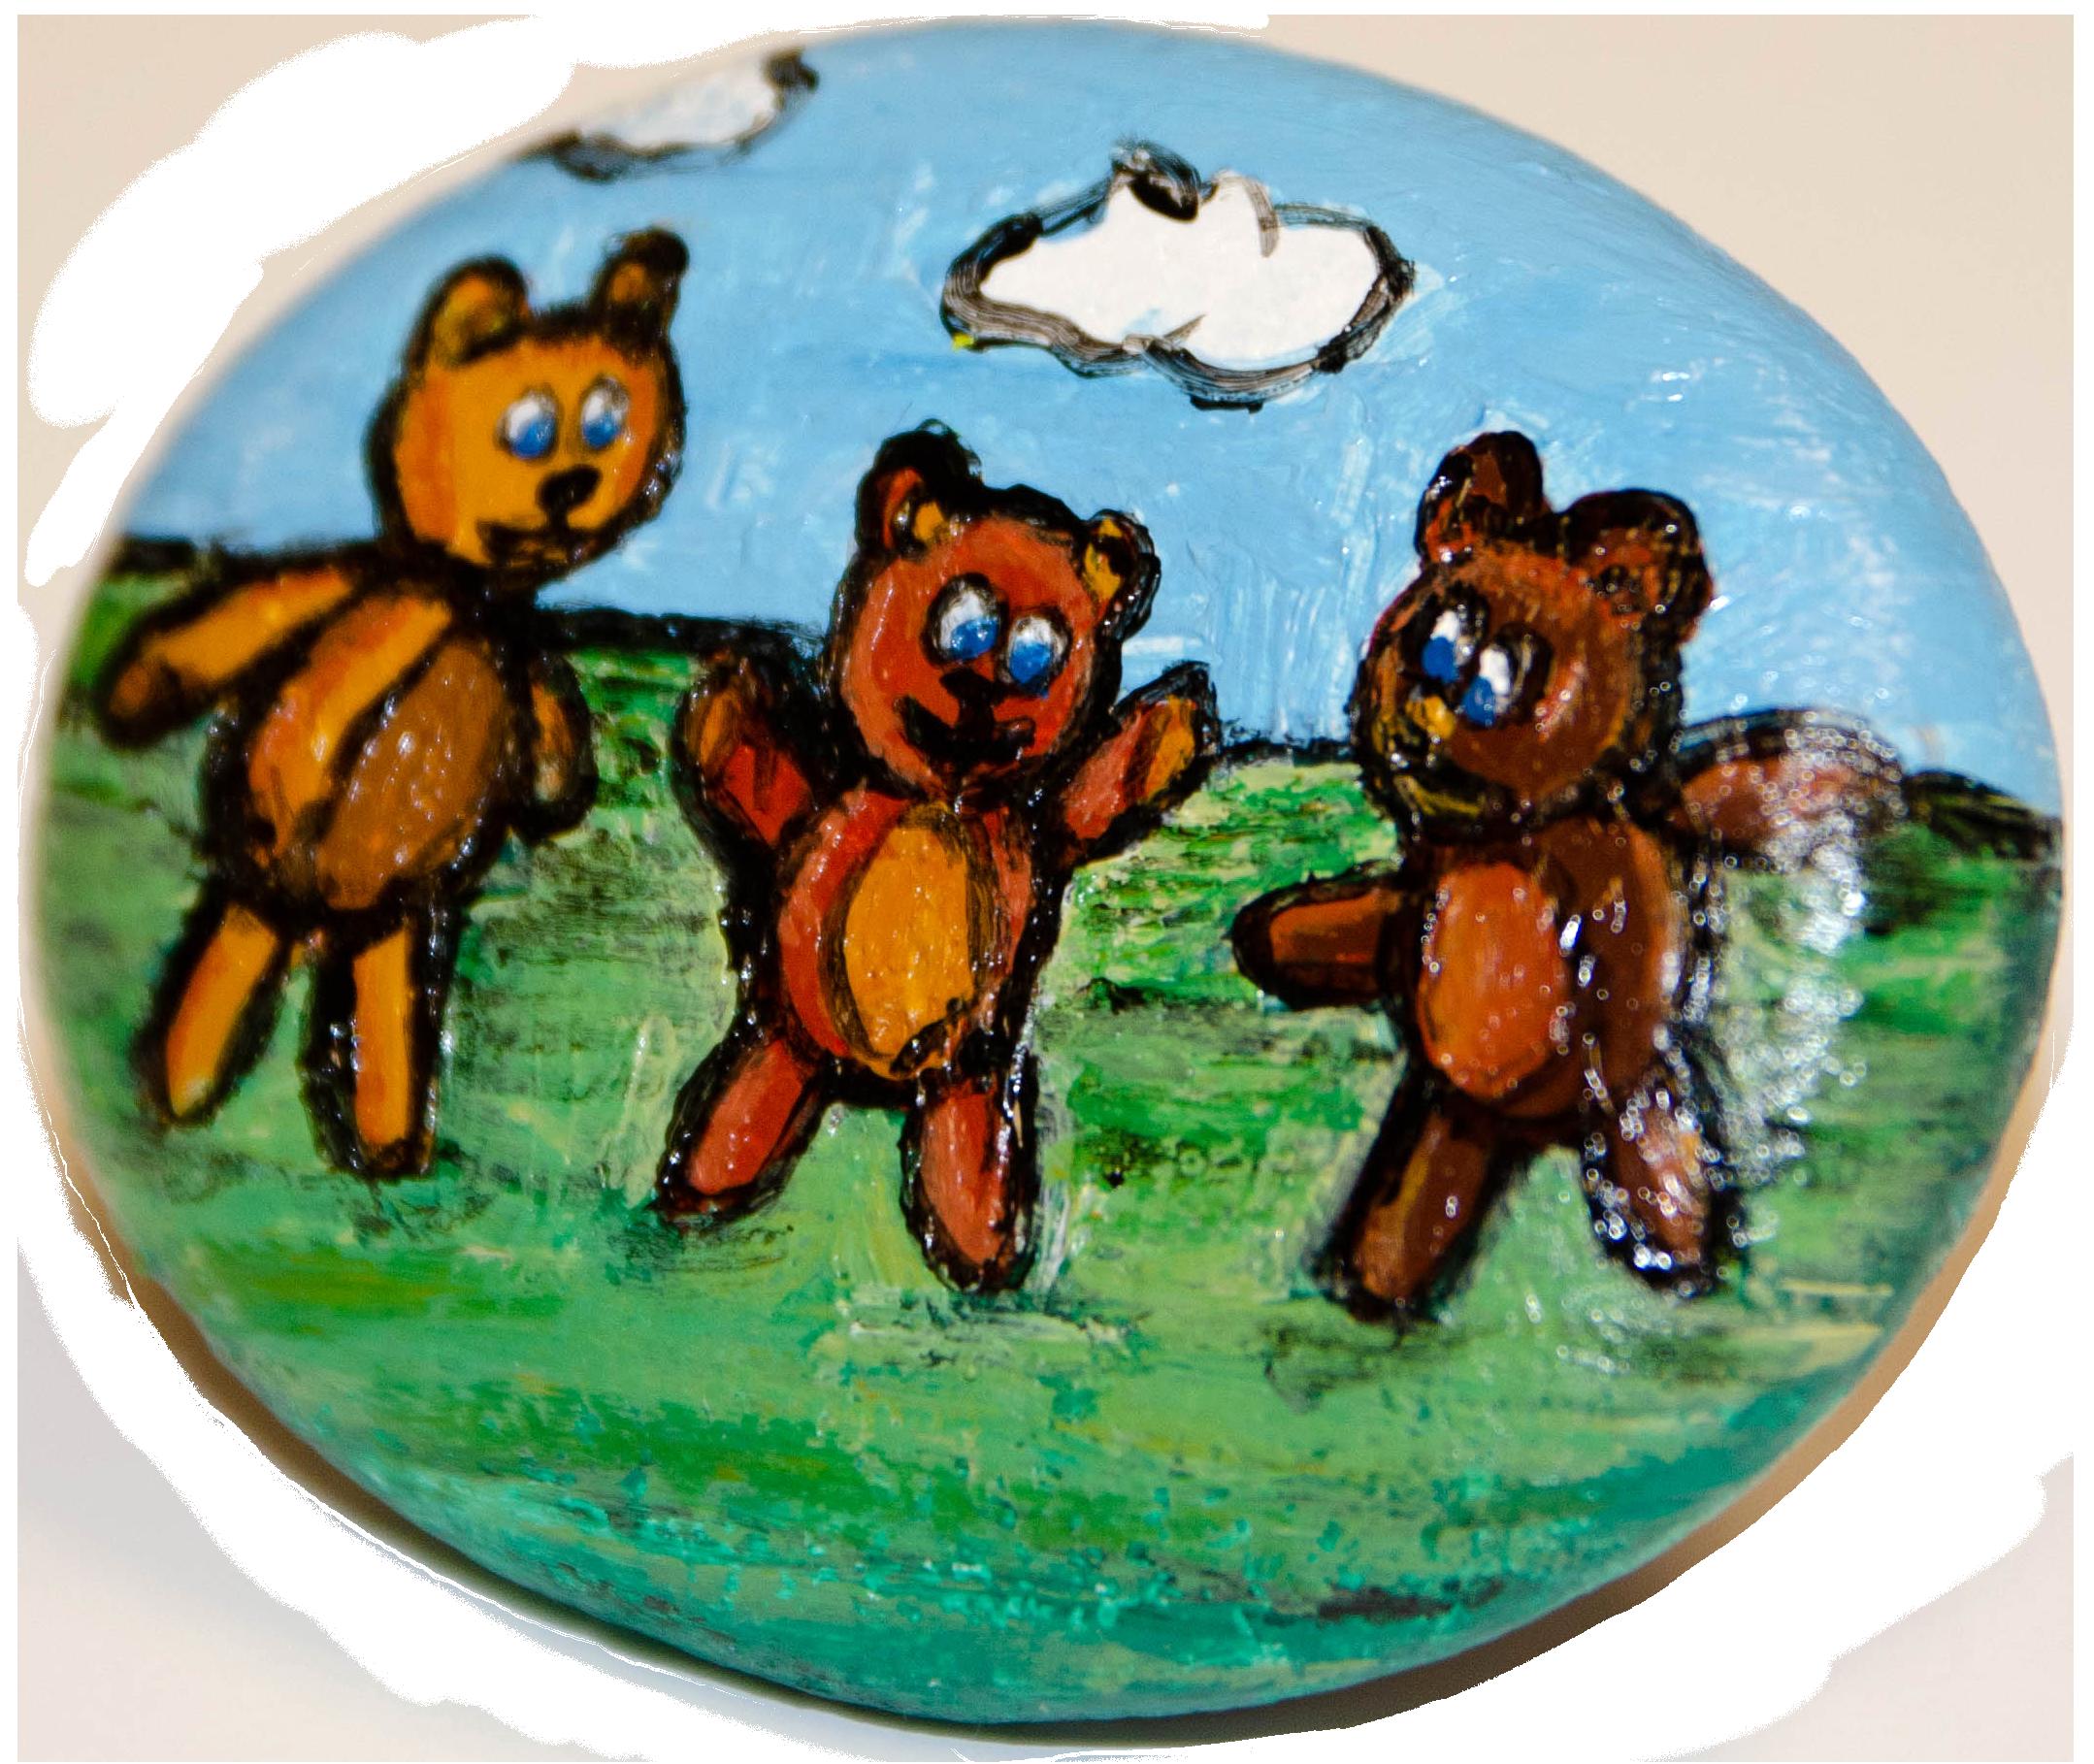 A Teddy Bear's Picnic